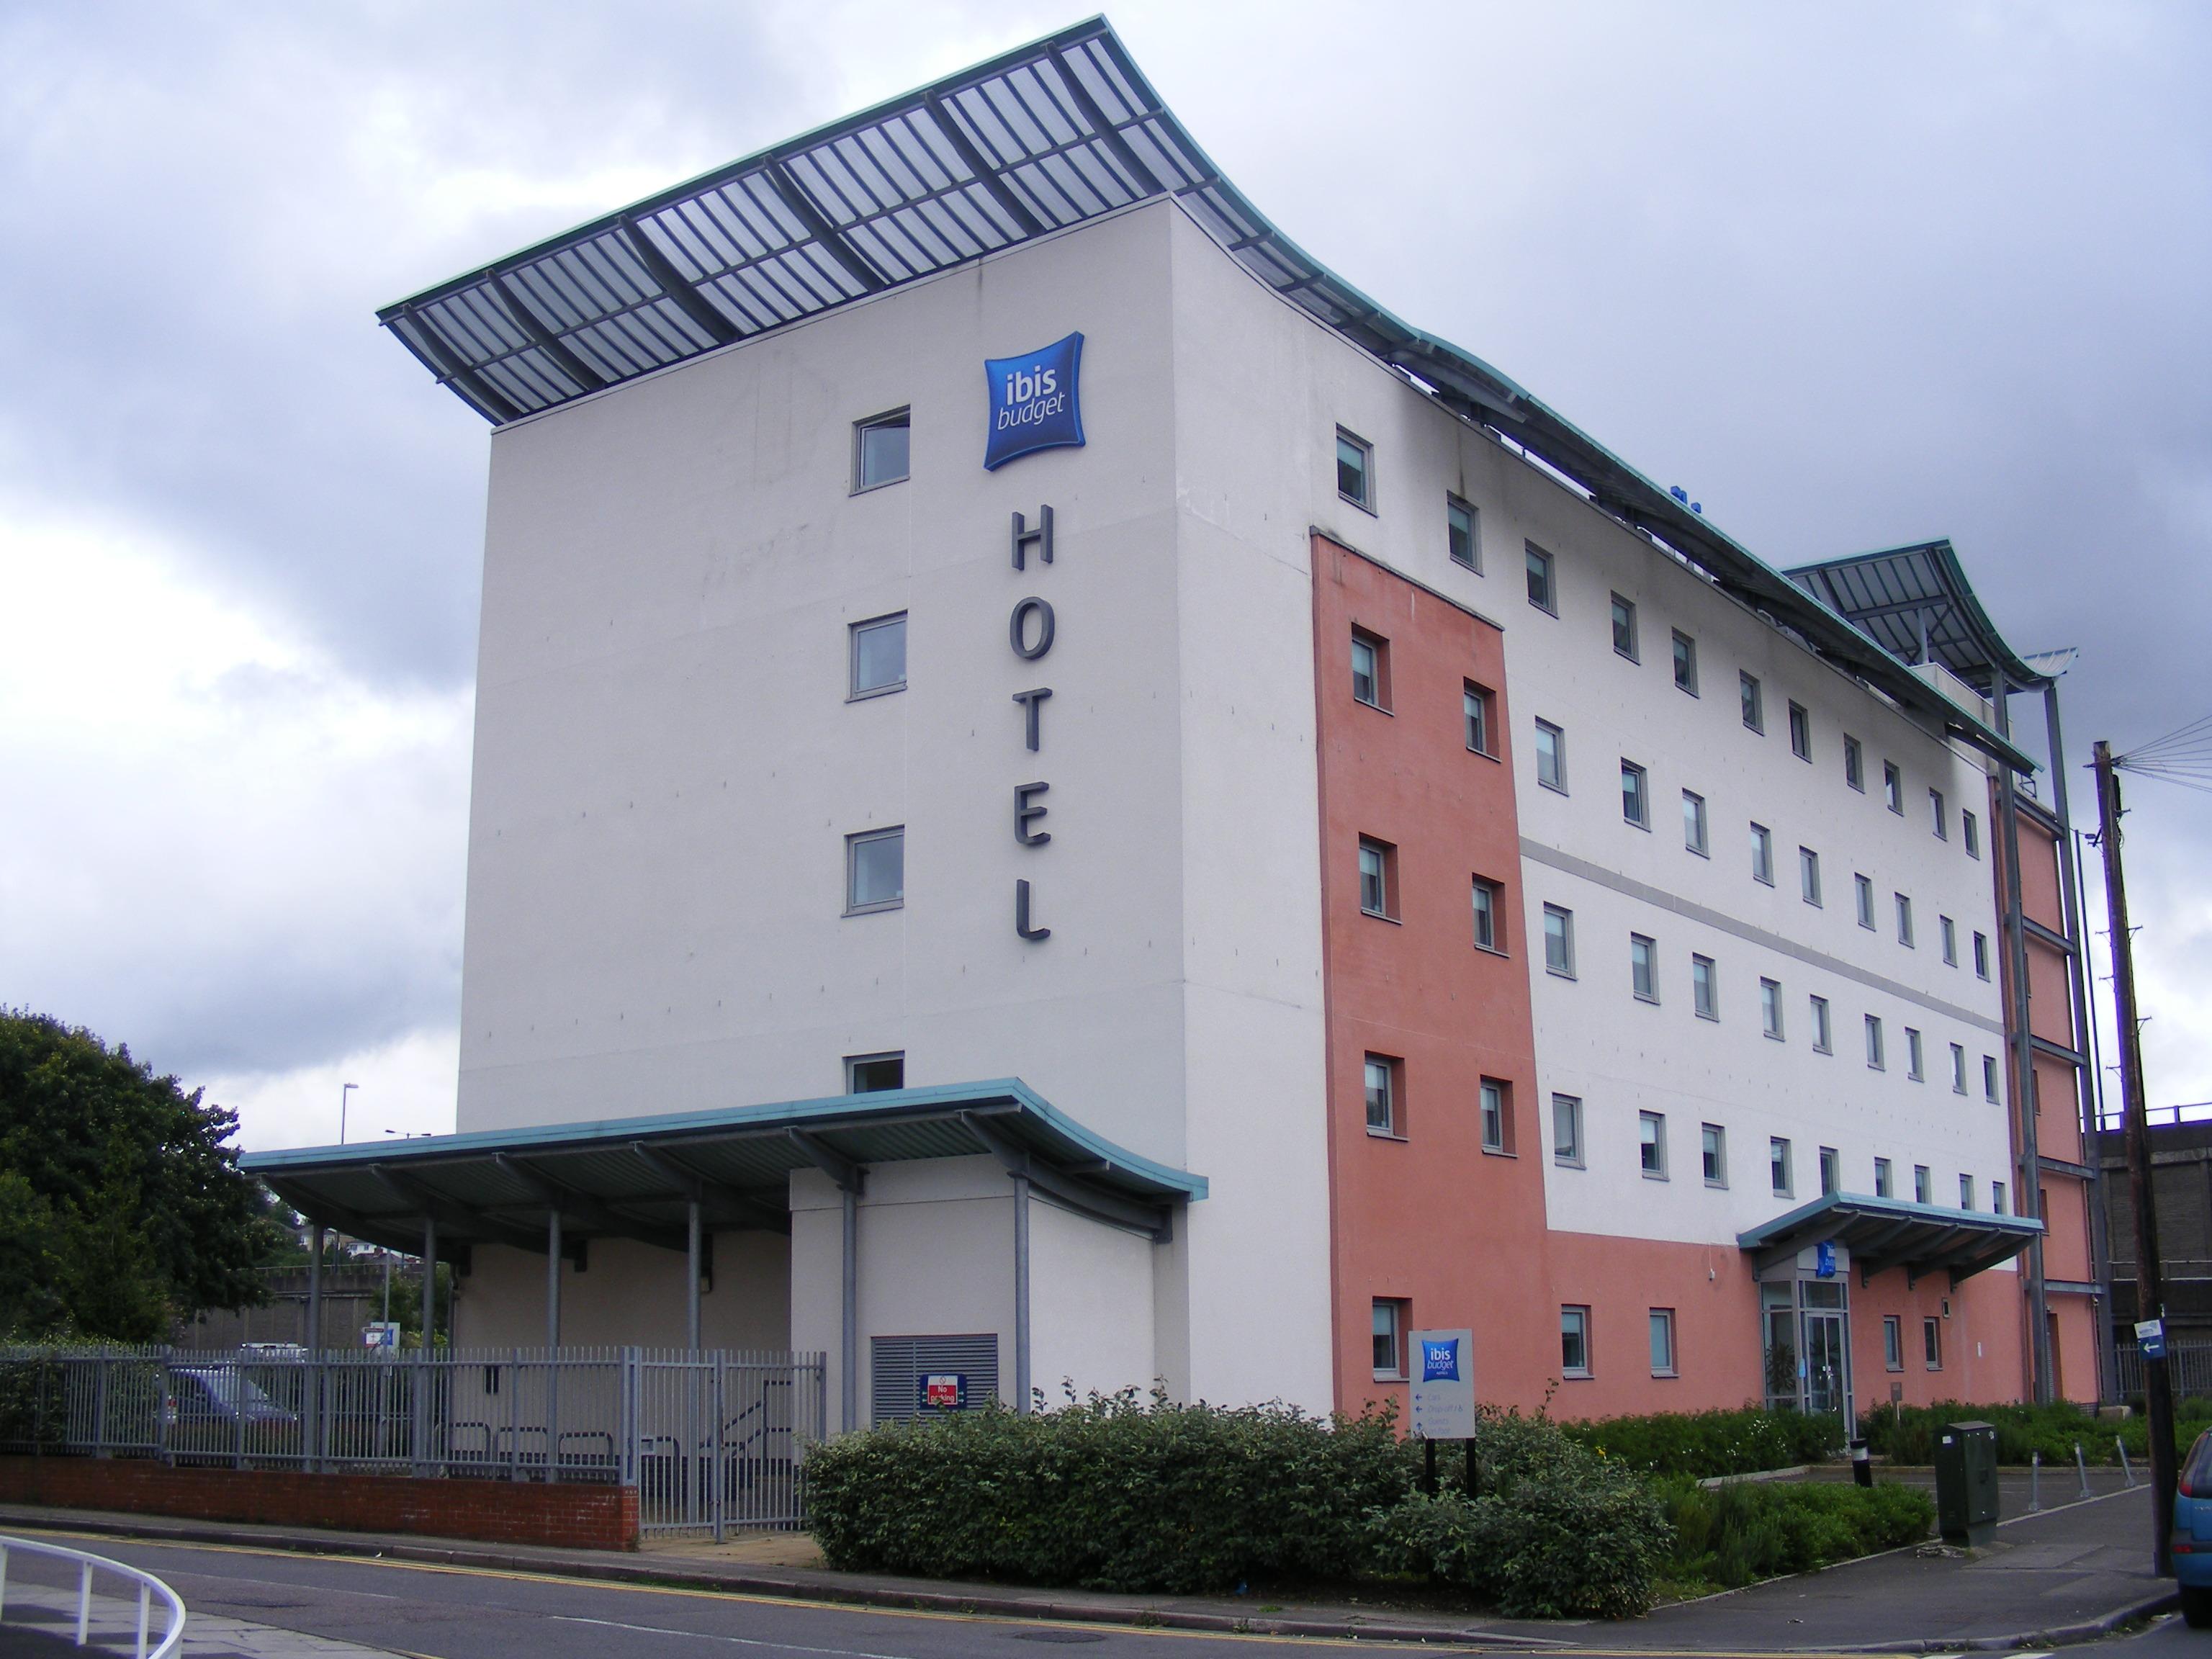 Hotel ibis budget Newport